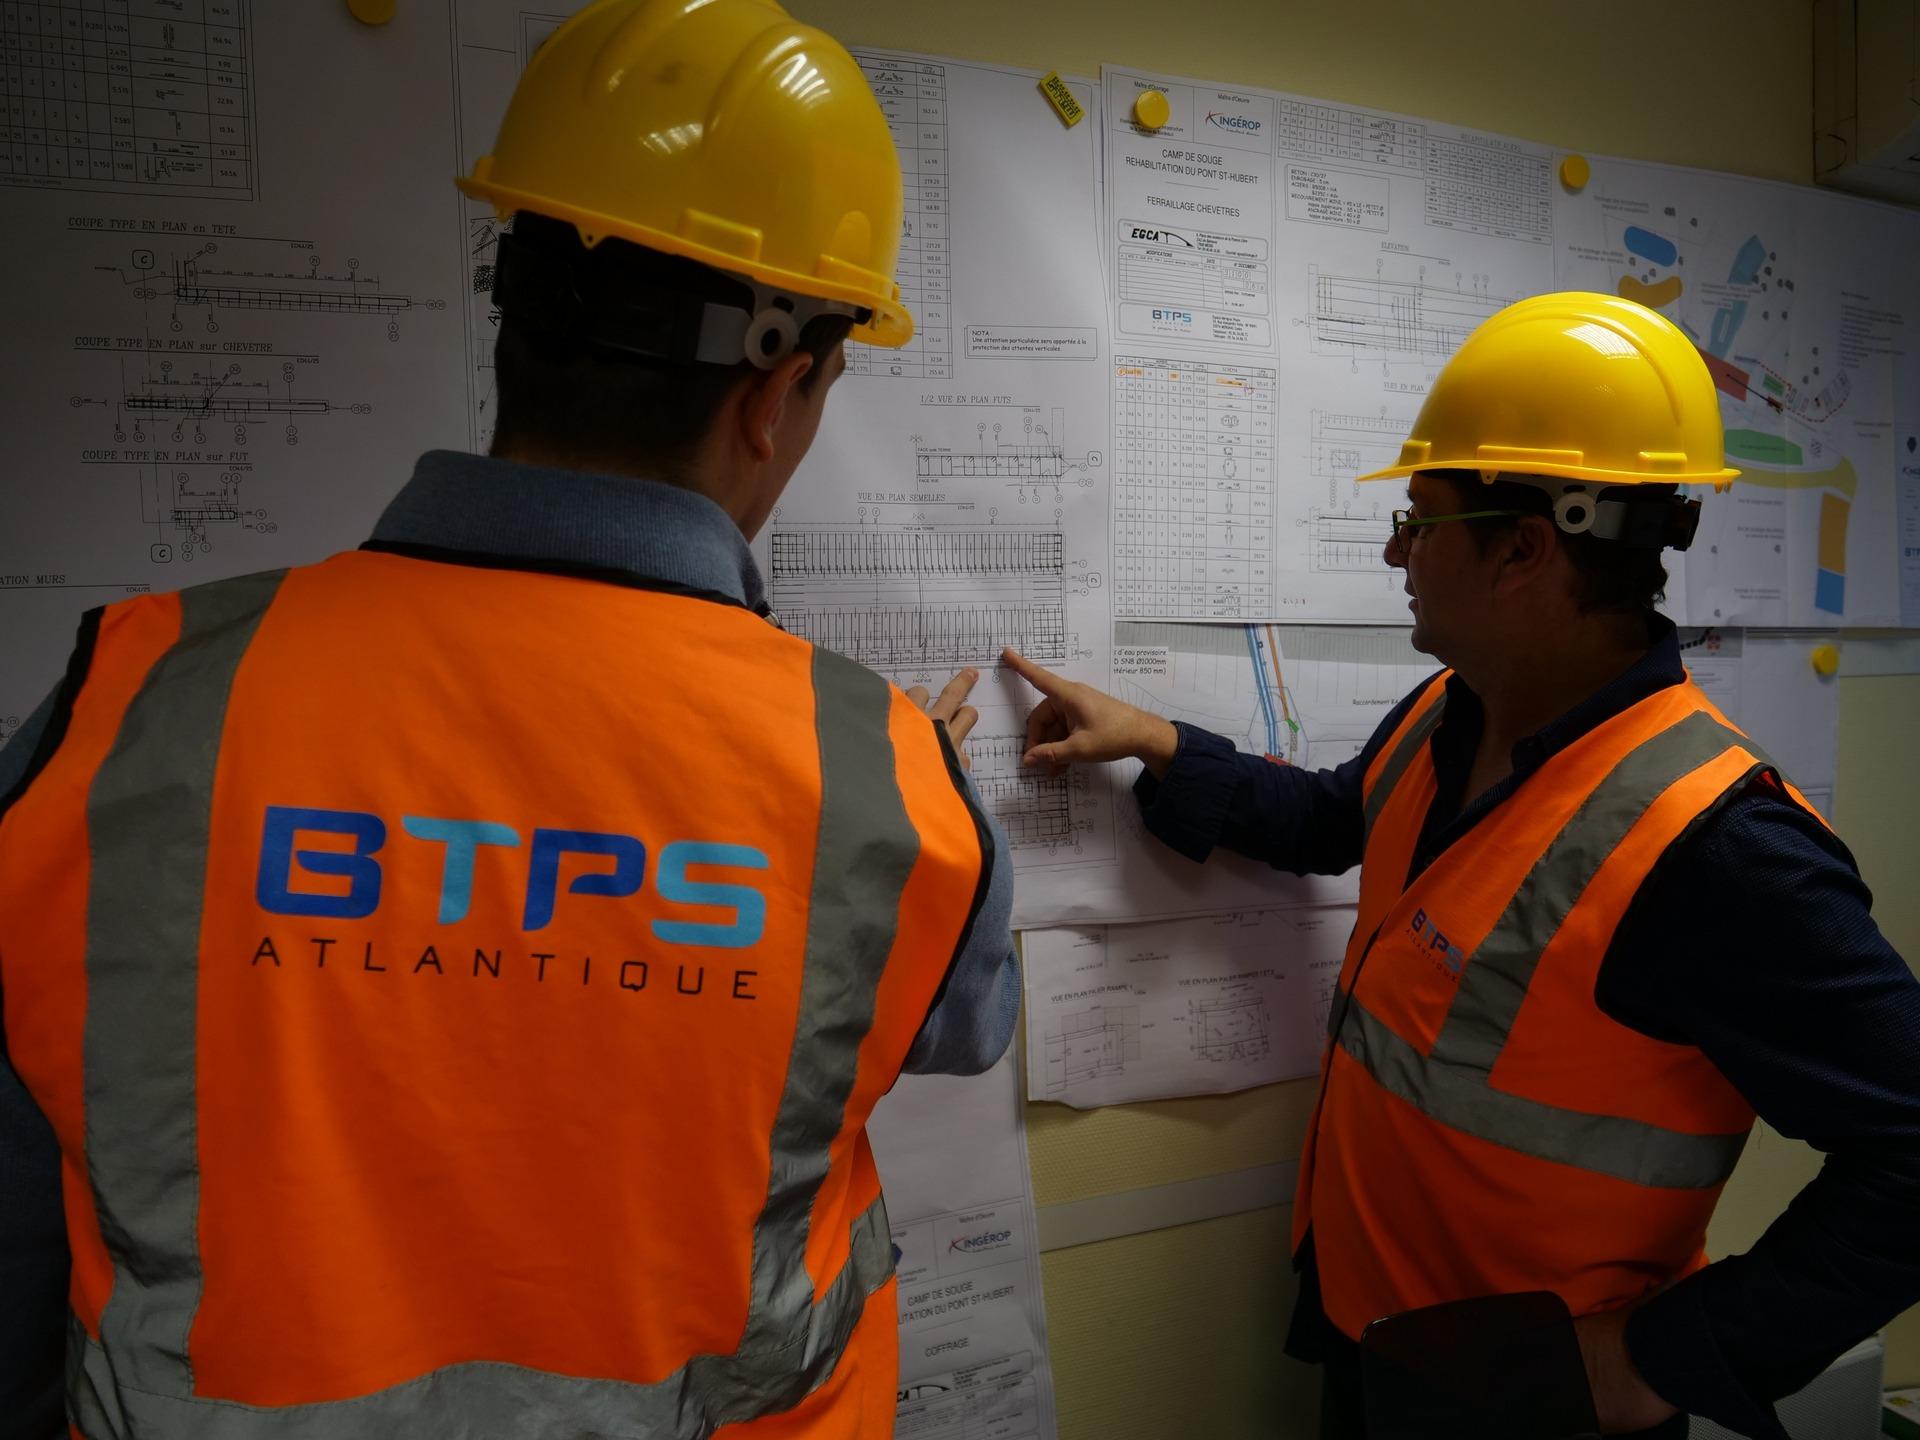 BTPS Atlantique accompagnement personnalisé